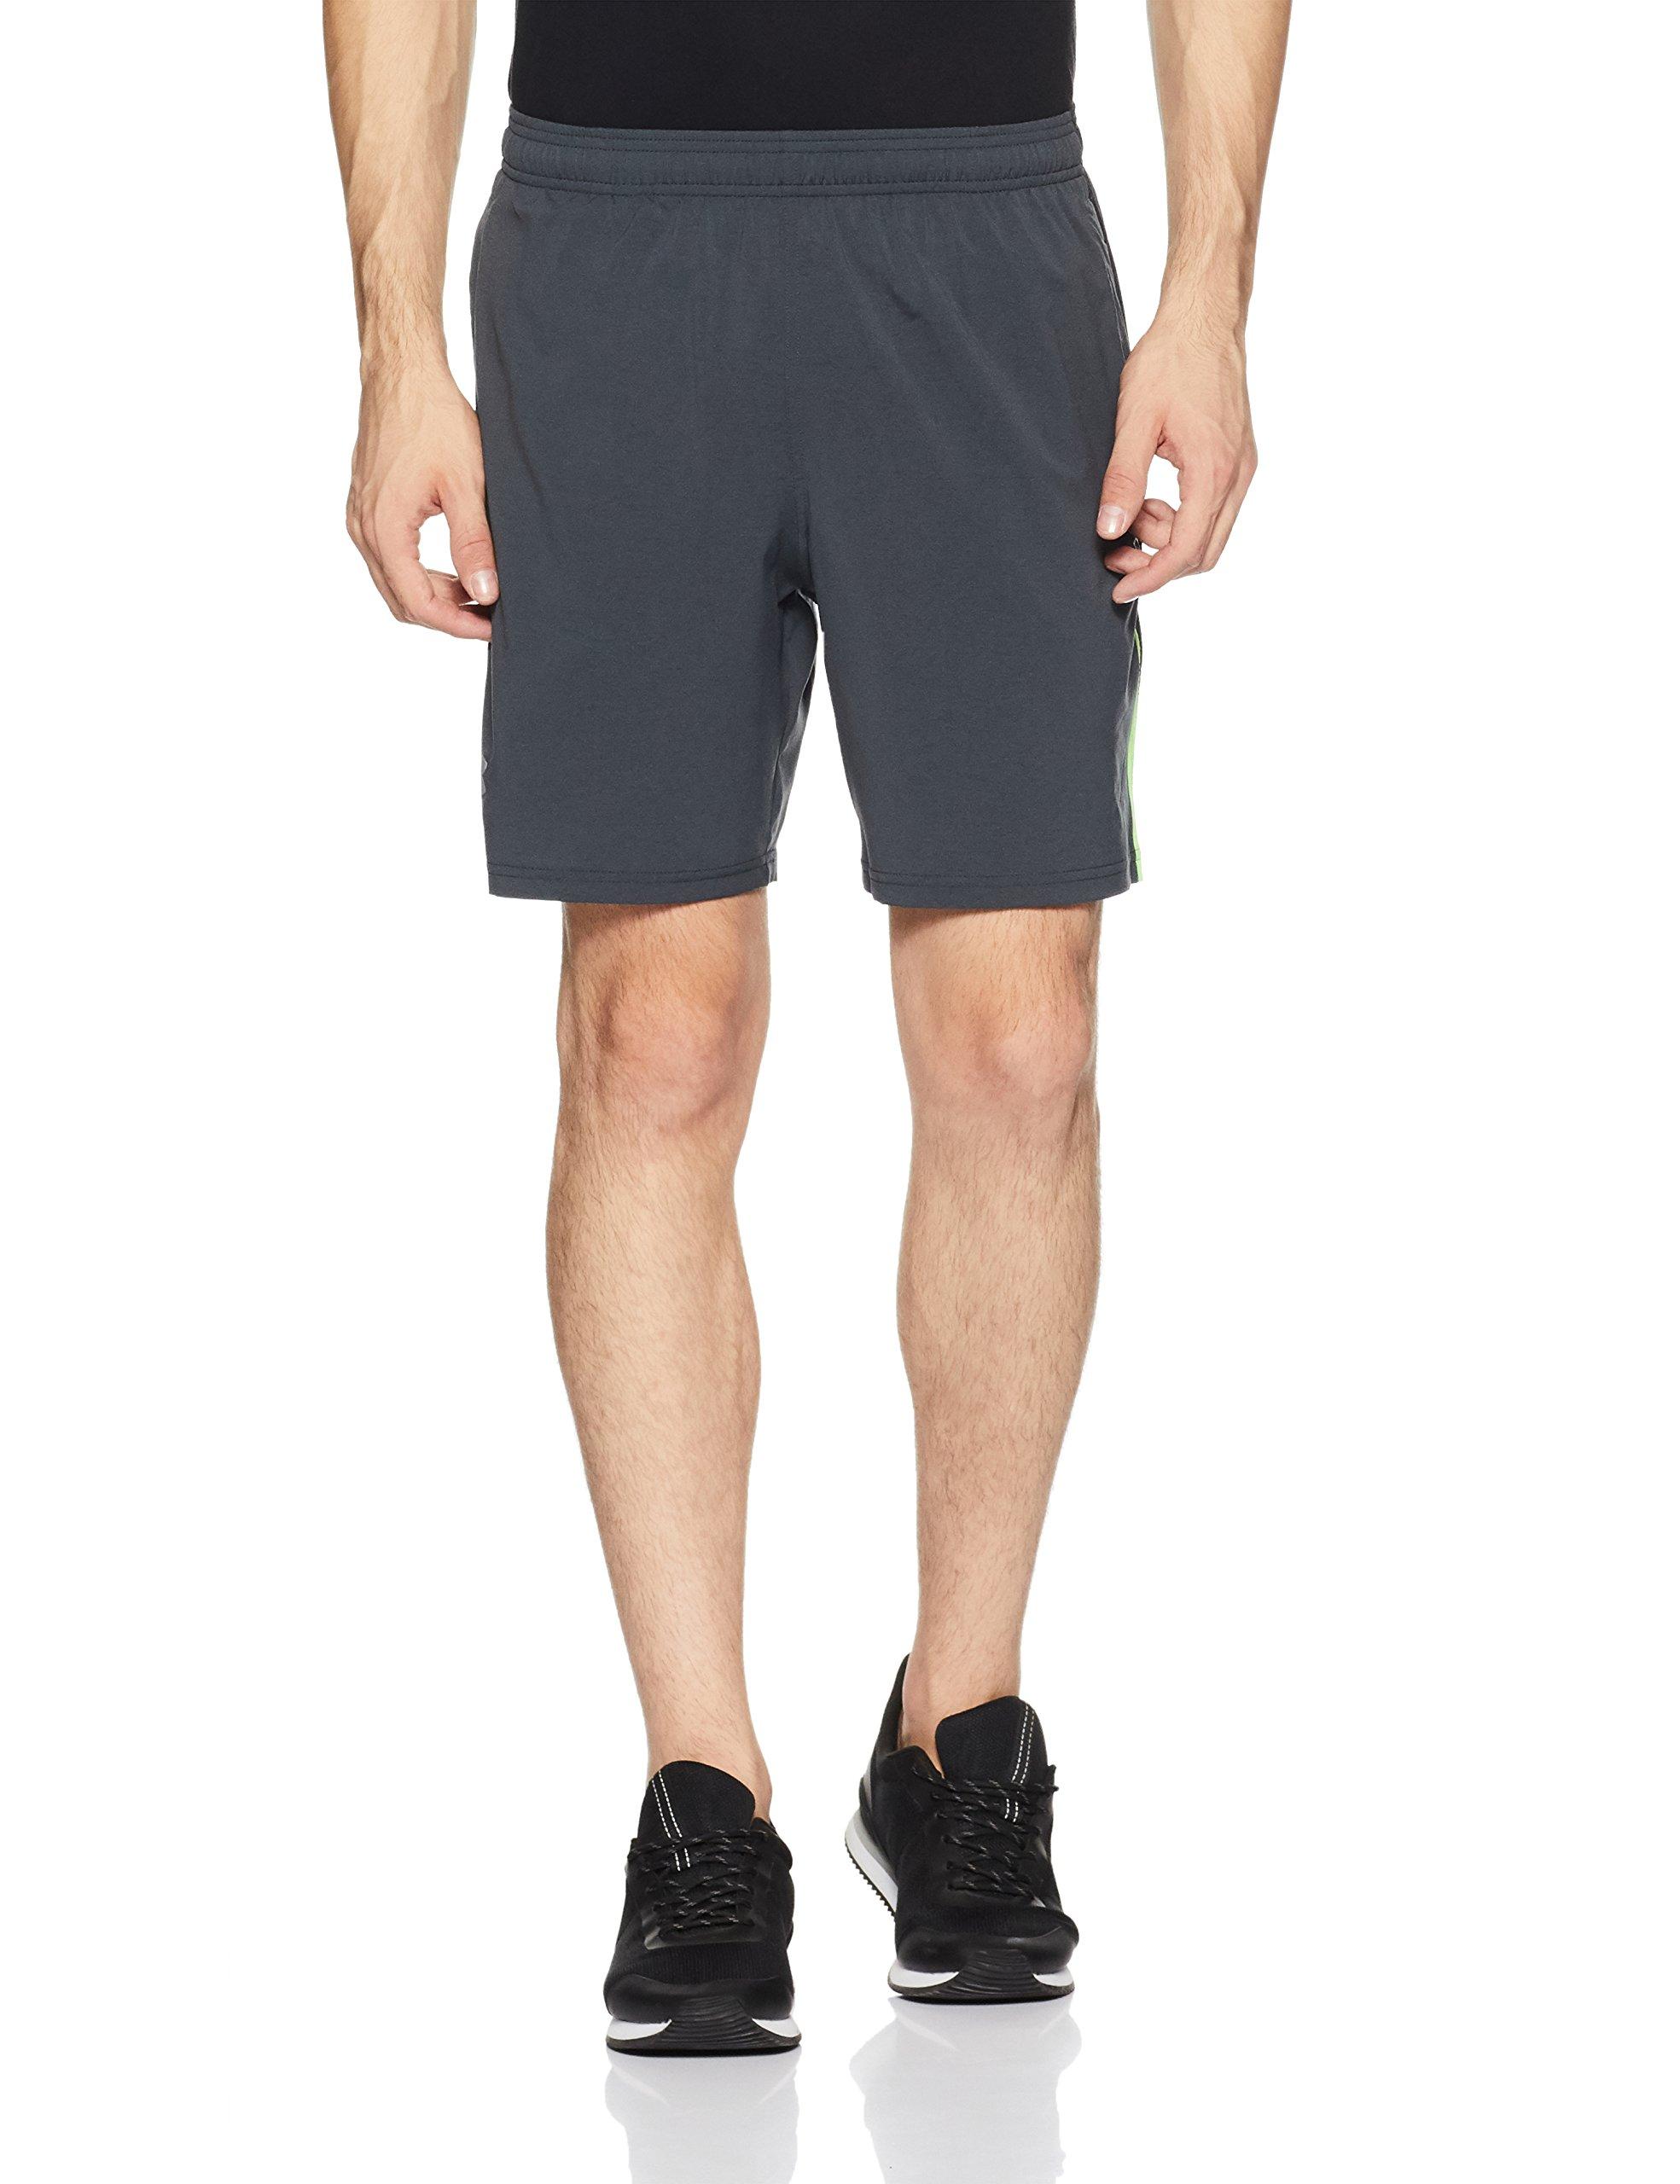 Under Armour Men's Launch Sw 7'' Shorts, Black